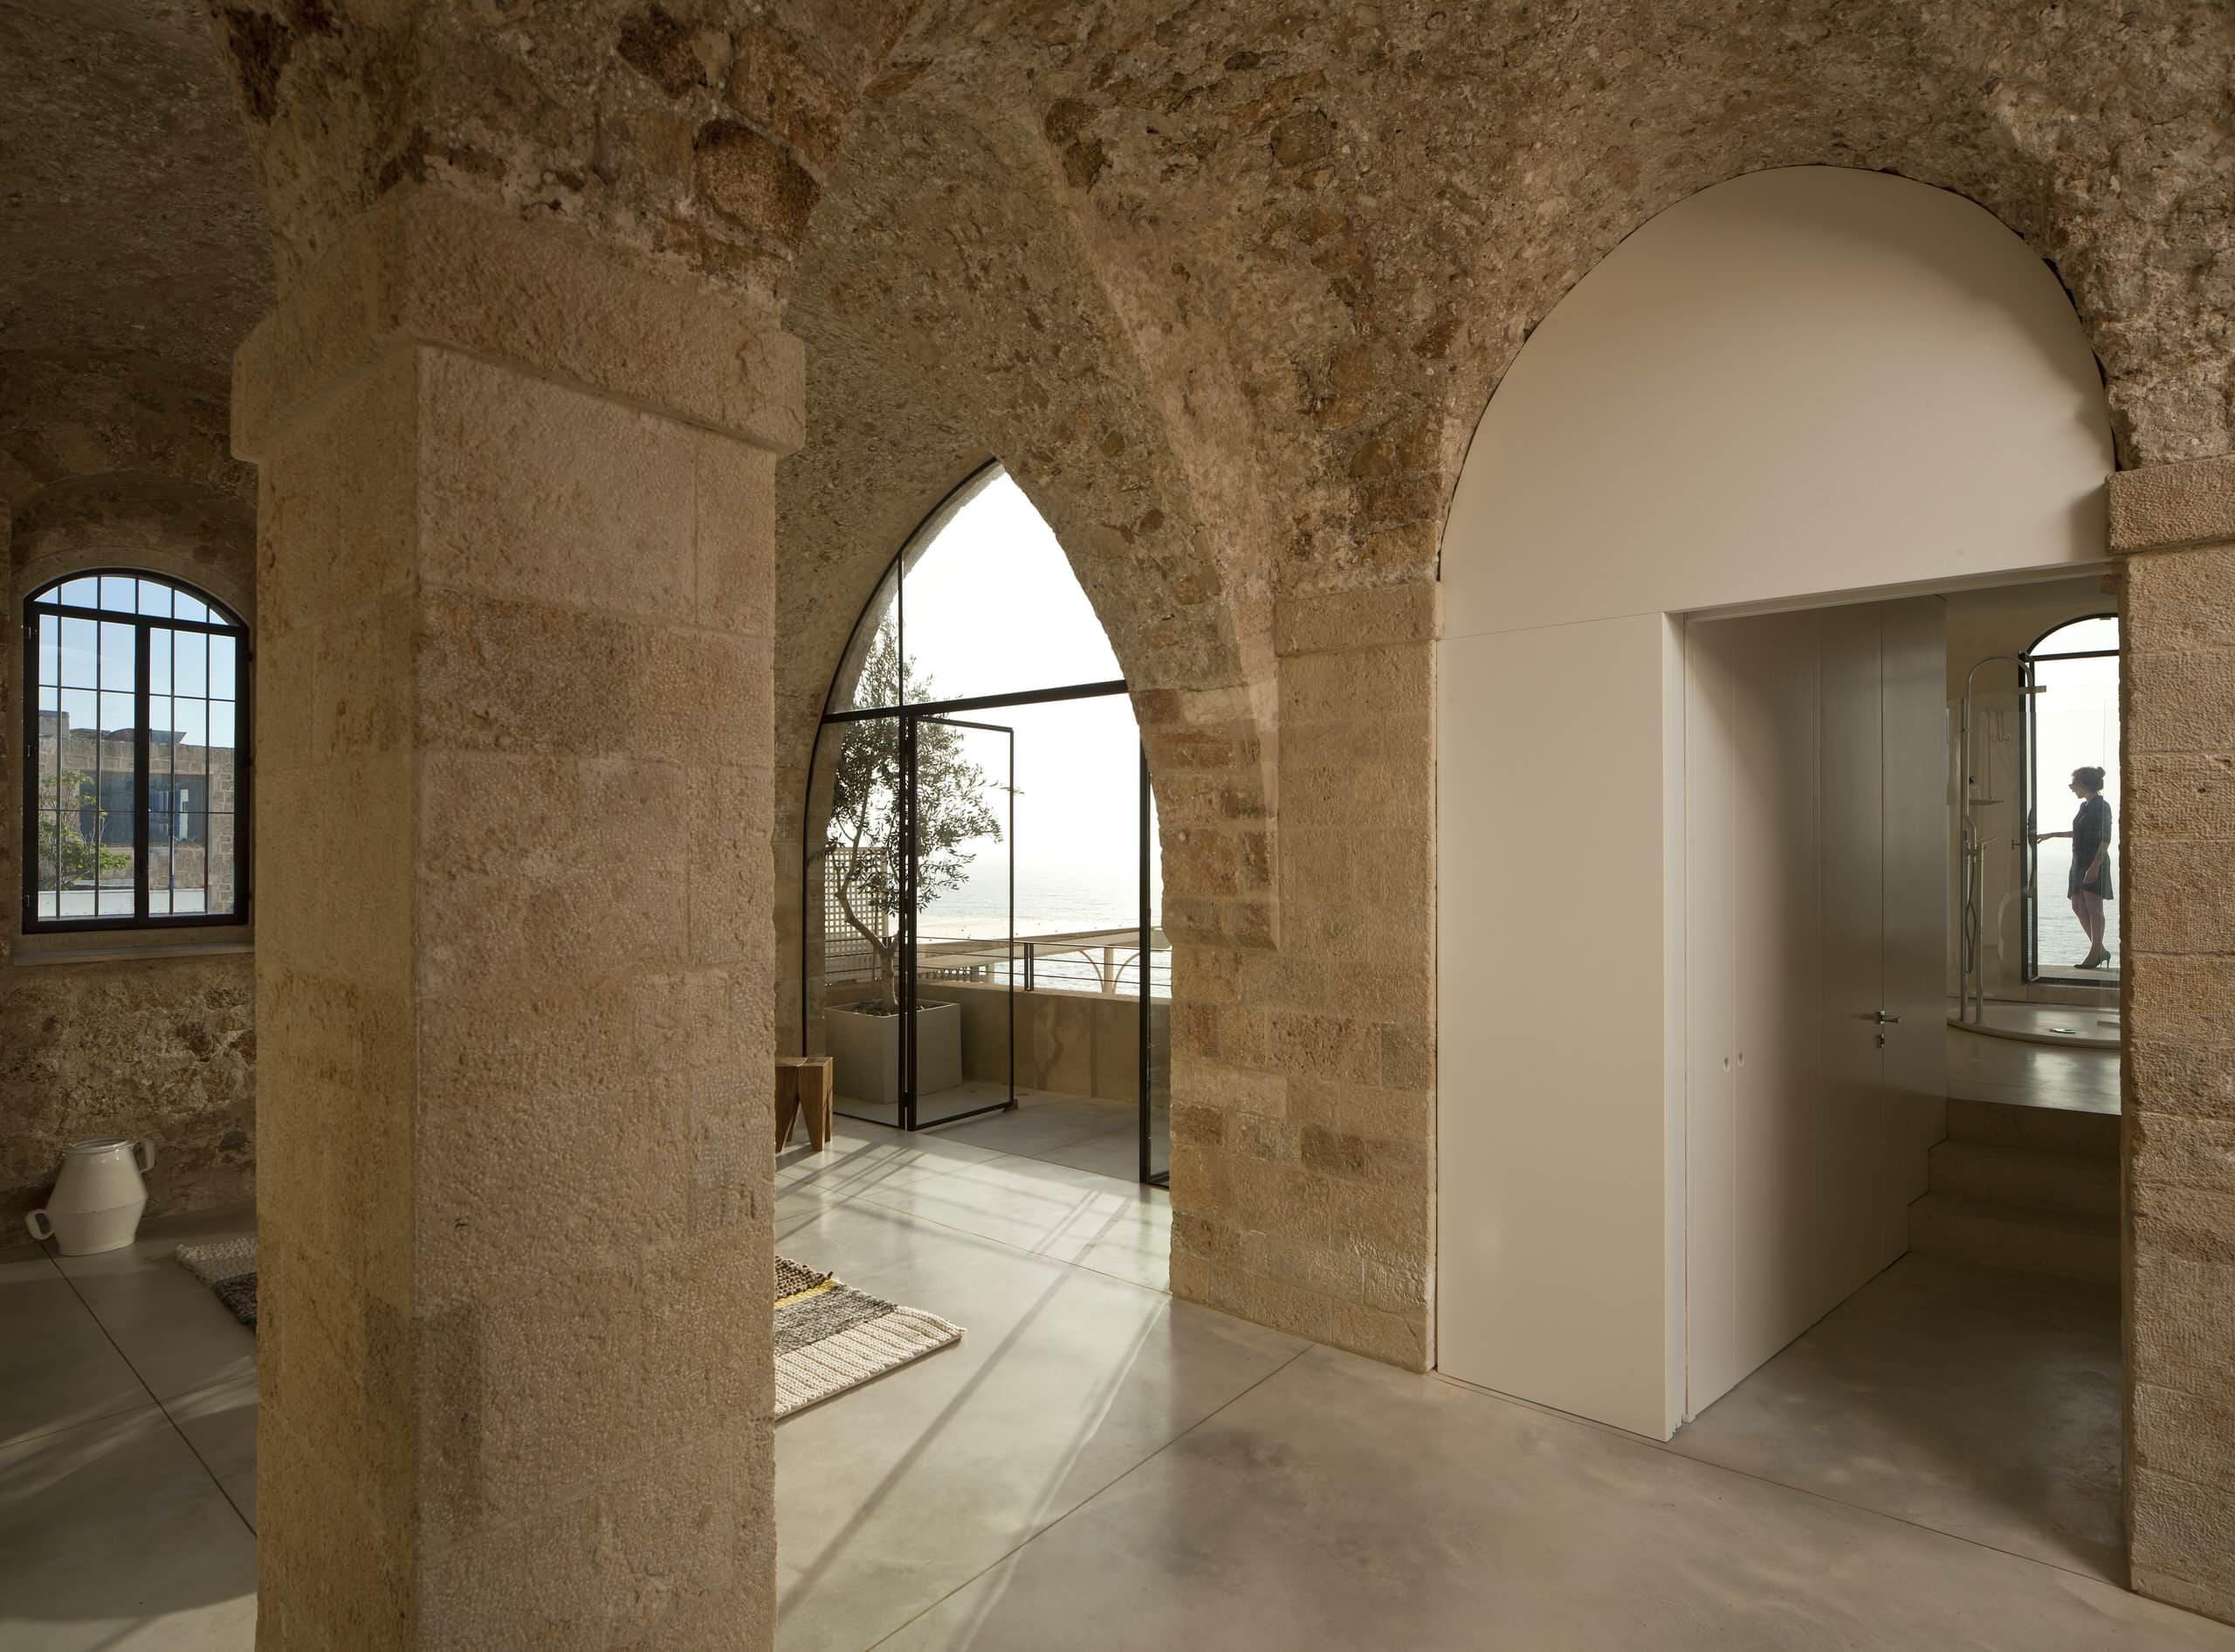 Варианты интерьера в прихожей - камень, ламинат, плитка, фреска 193